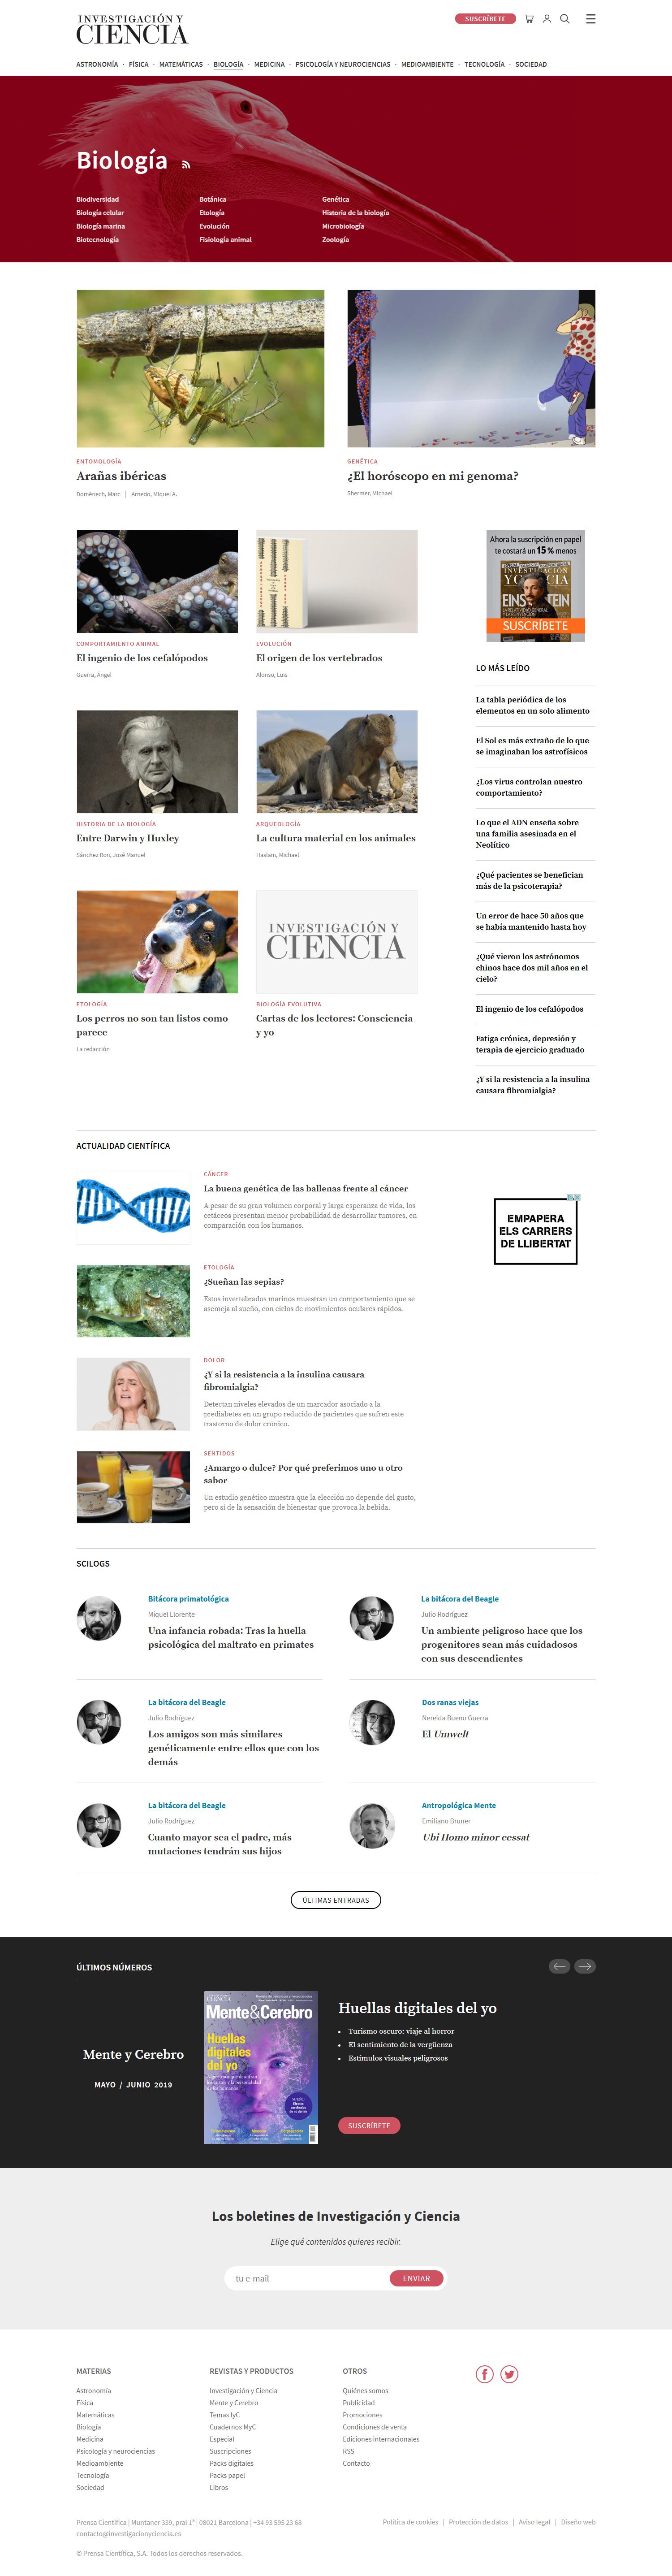 Investigación y Ciencia - Nobel Prizes